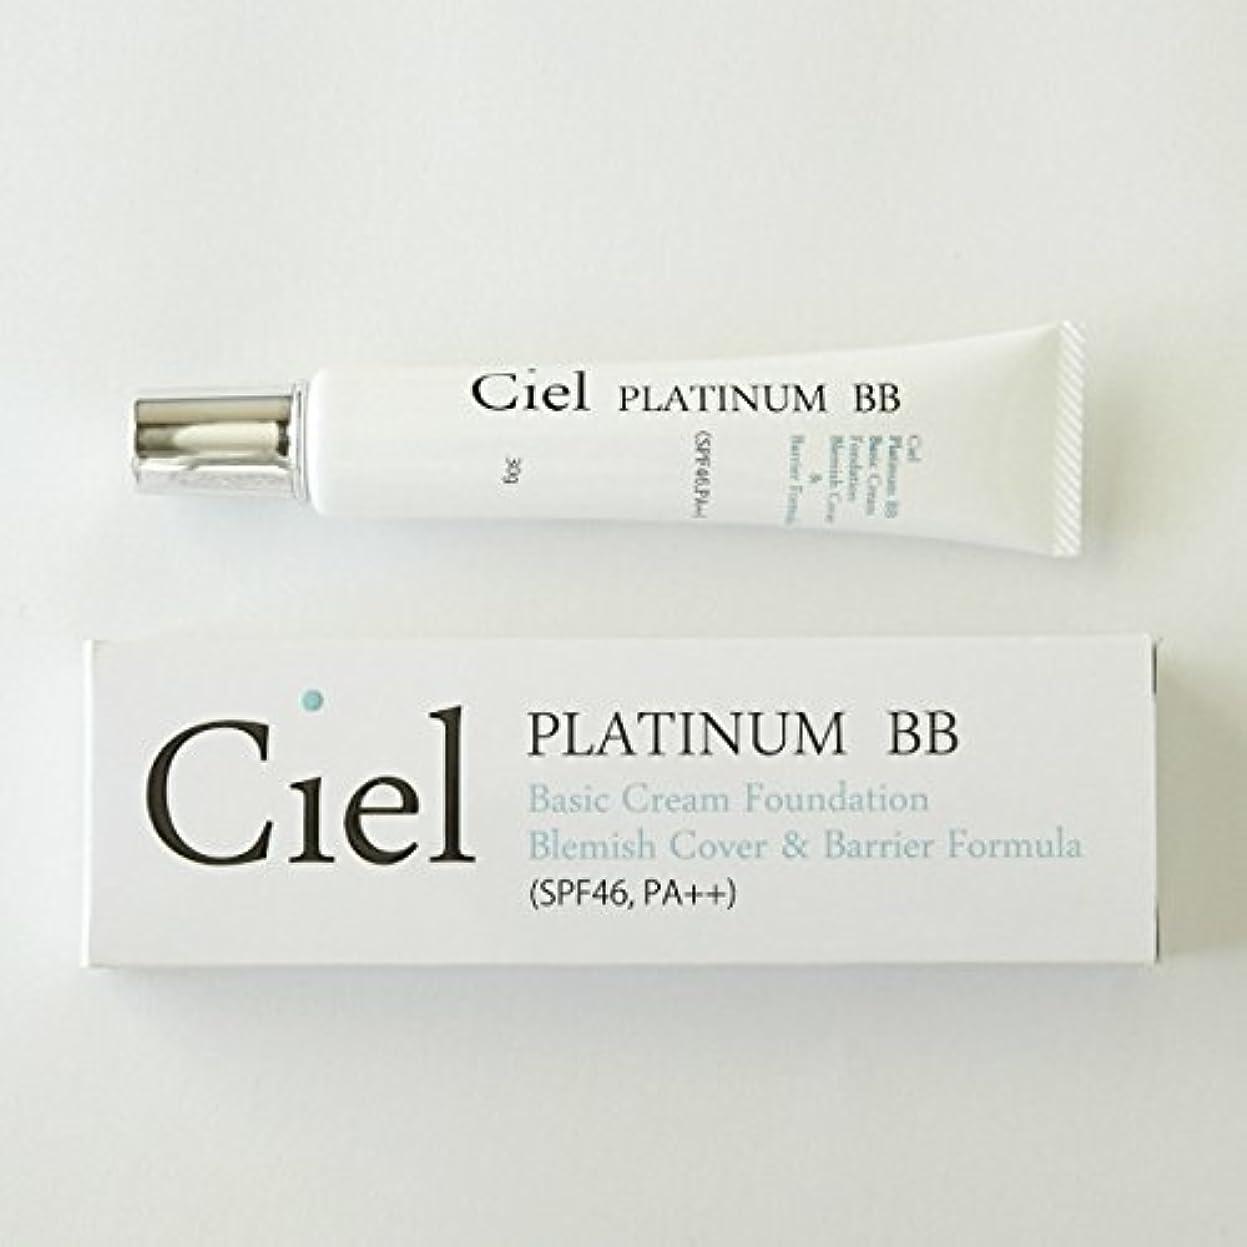 コンクリート宇宙の奇跡的なCiel Salon de Beaute Ciel PLATINUM BB SPF46 BBクリーム ファンデーション 日本製 日焼け止め